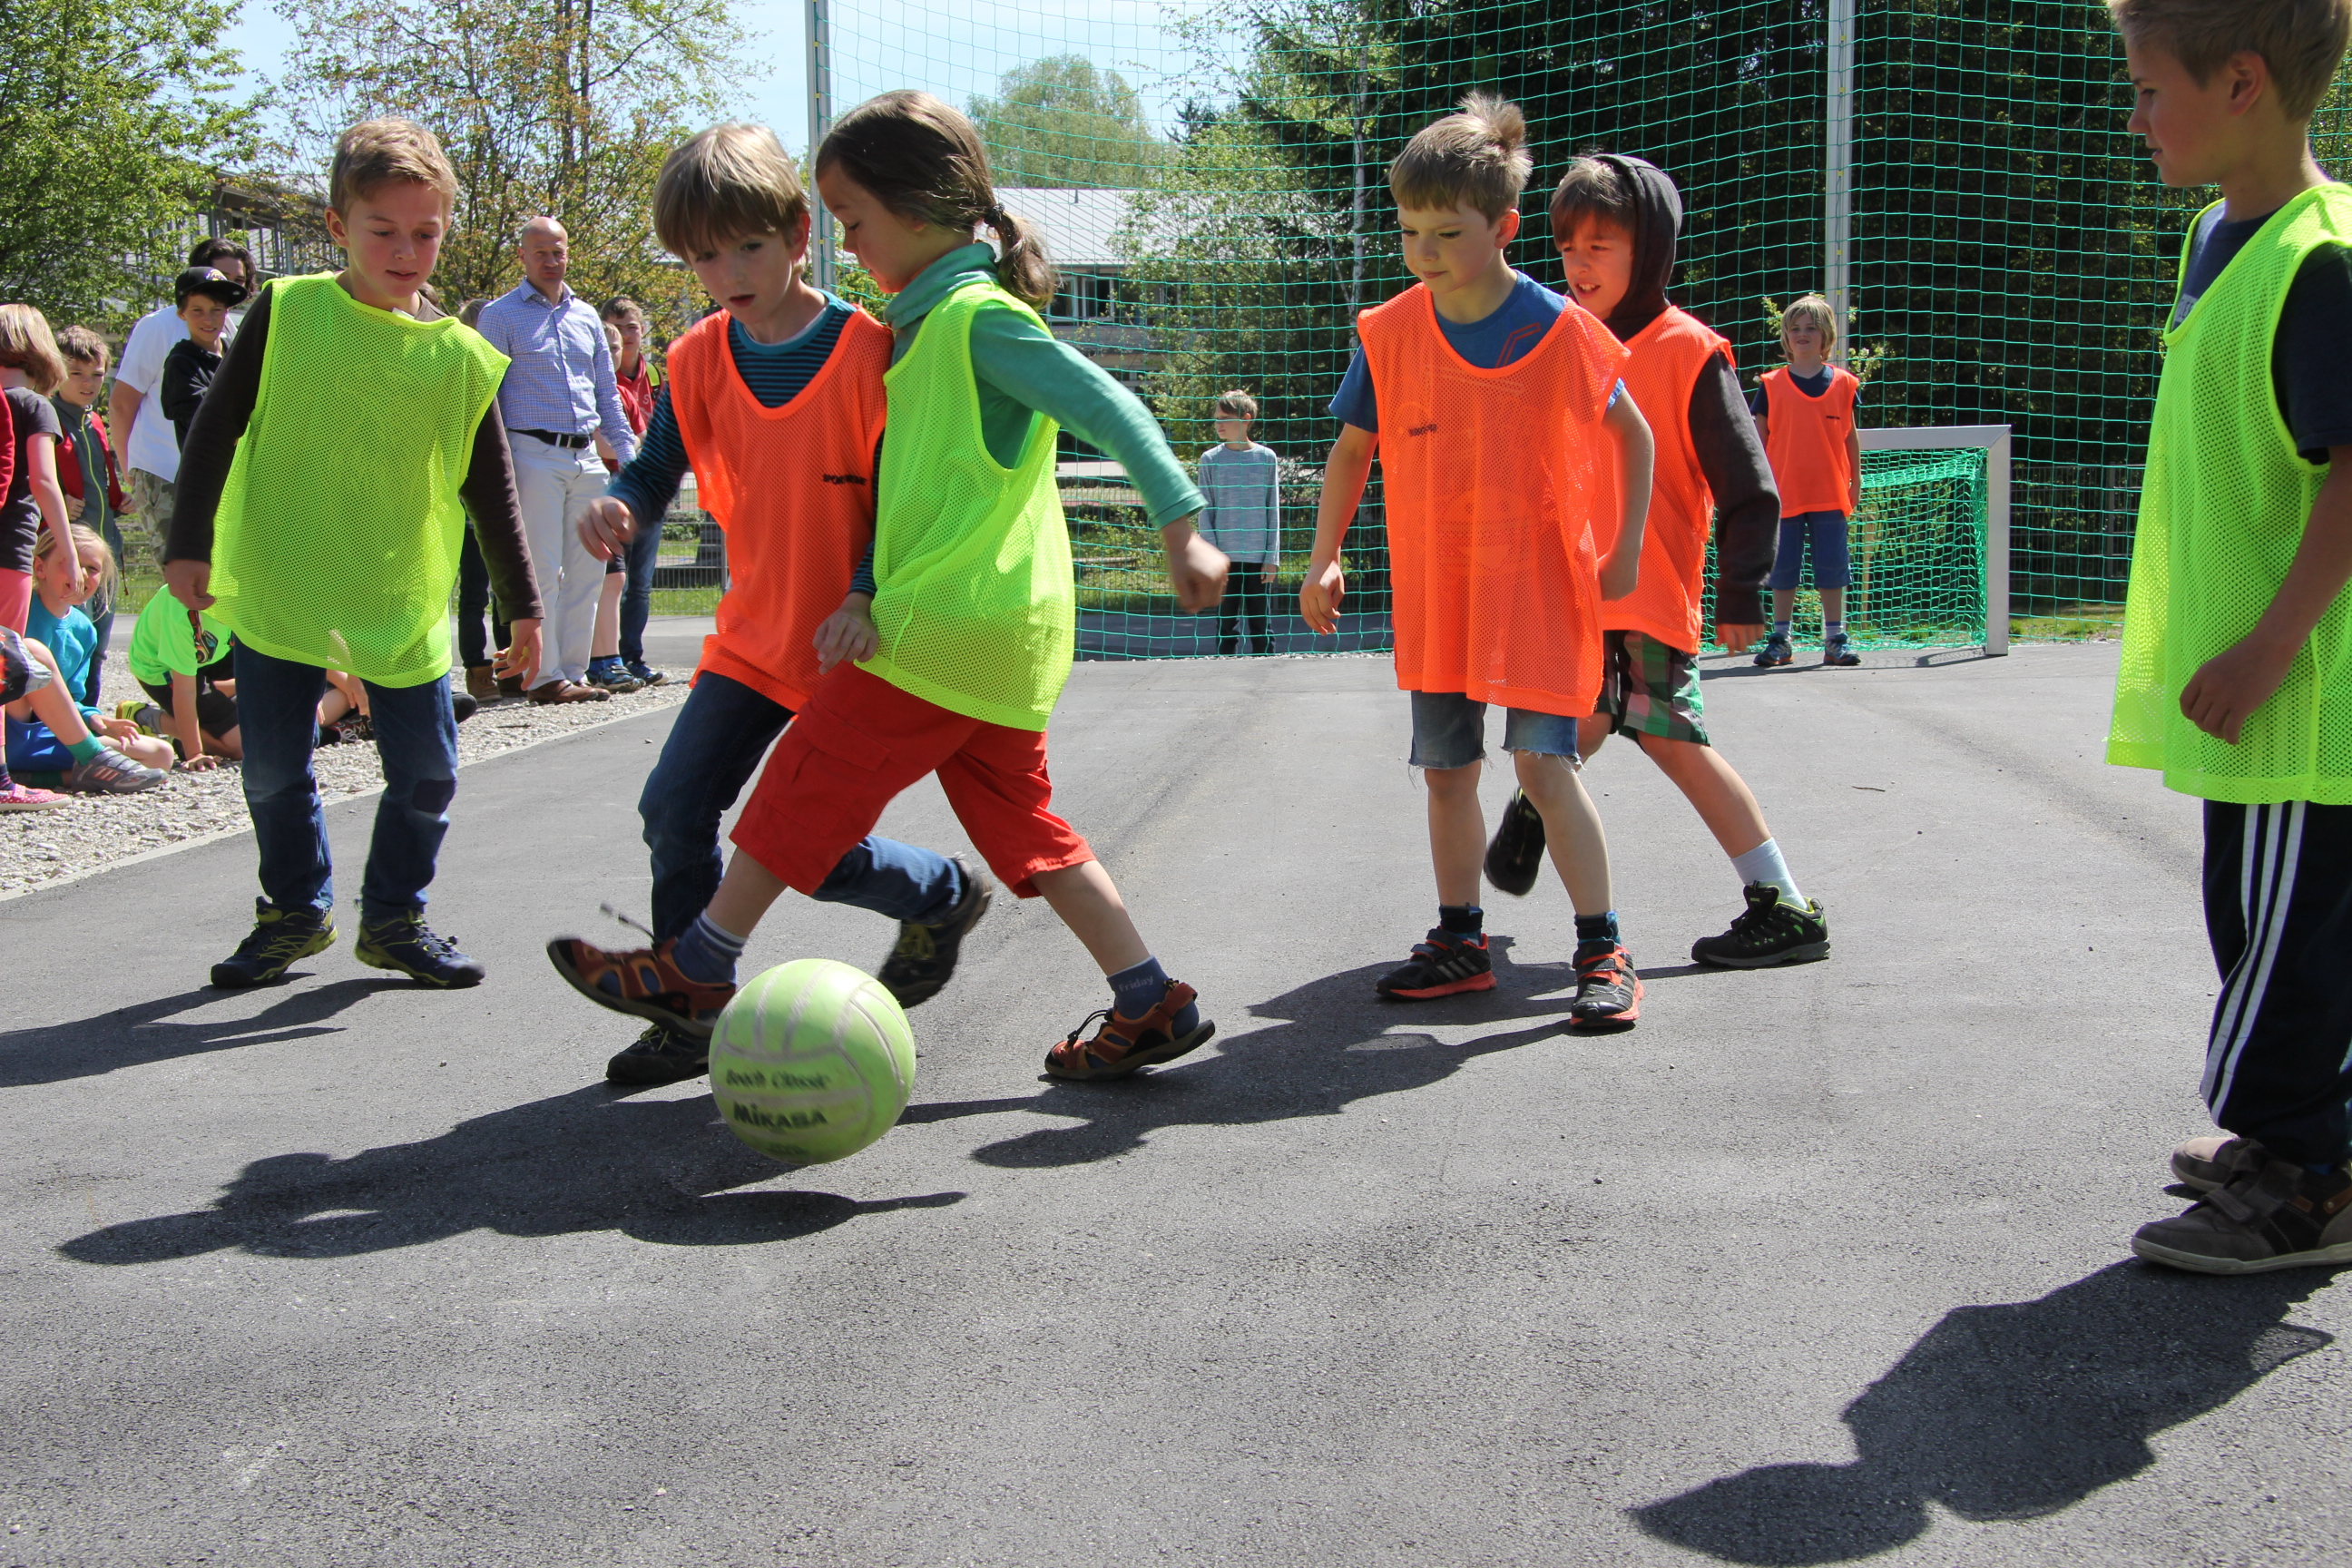 • Lernen mit allen Sinnen anhand von Montessori- und anderen modernen Lernmaterialien • hohes Maß an sportlicher Betätigung, Sommersporttage, Wintersportwoche • ständige Schulentwicklung durch enge Verzahnung von Pädagogen, Schülern und Eltern